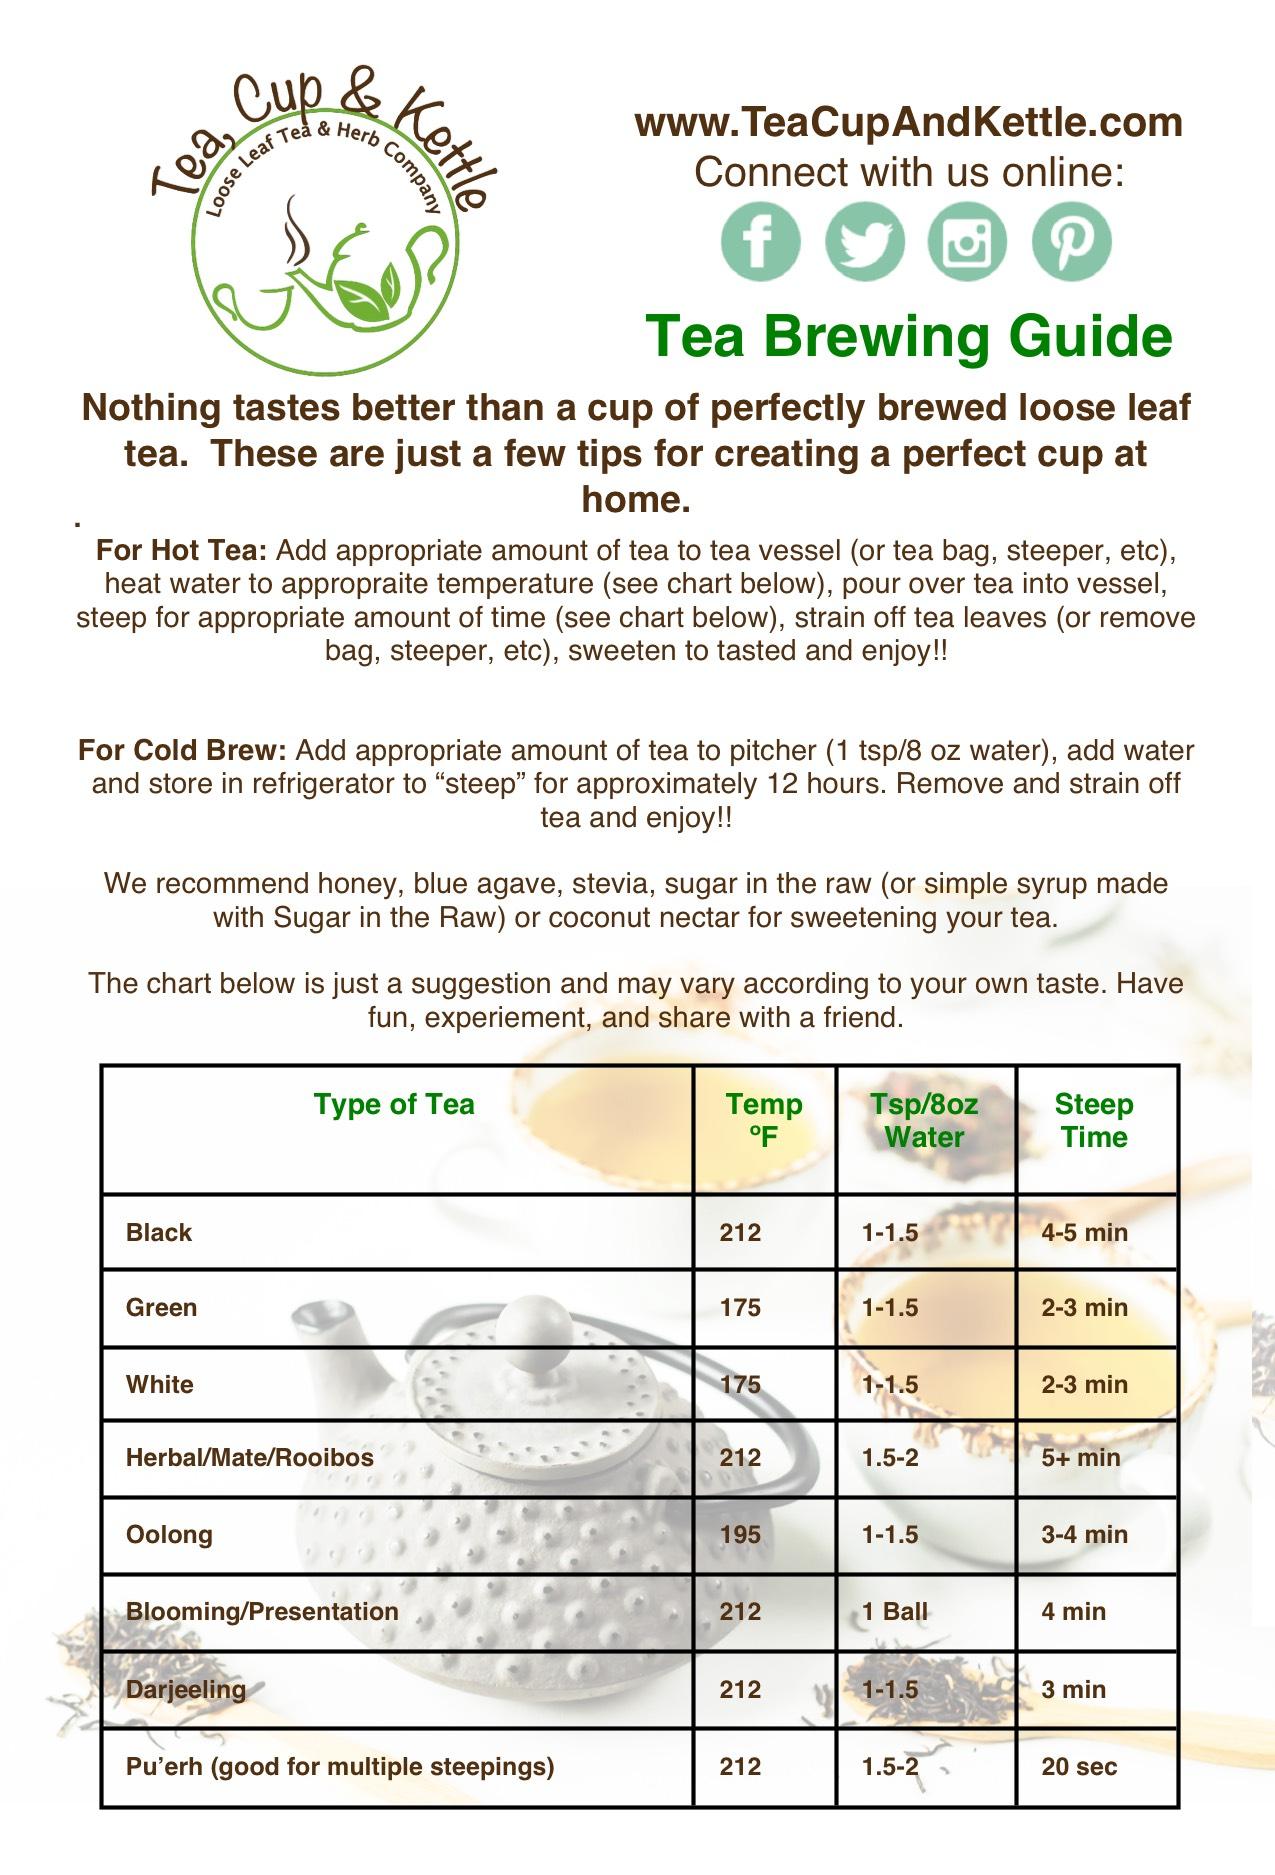 Brew Guide